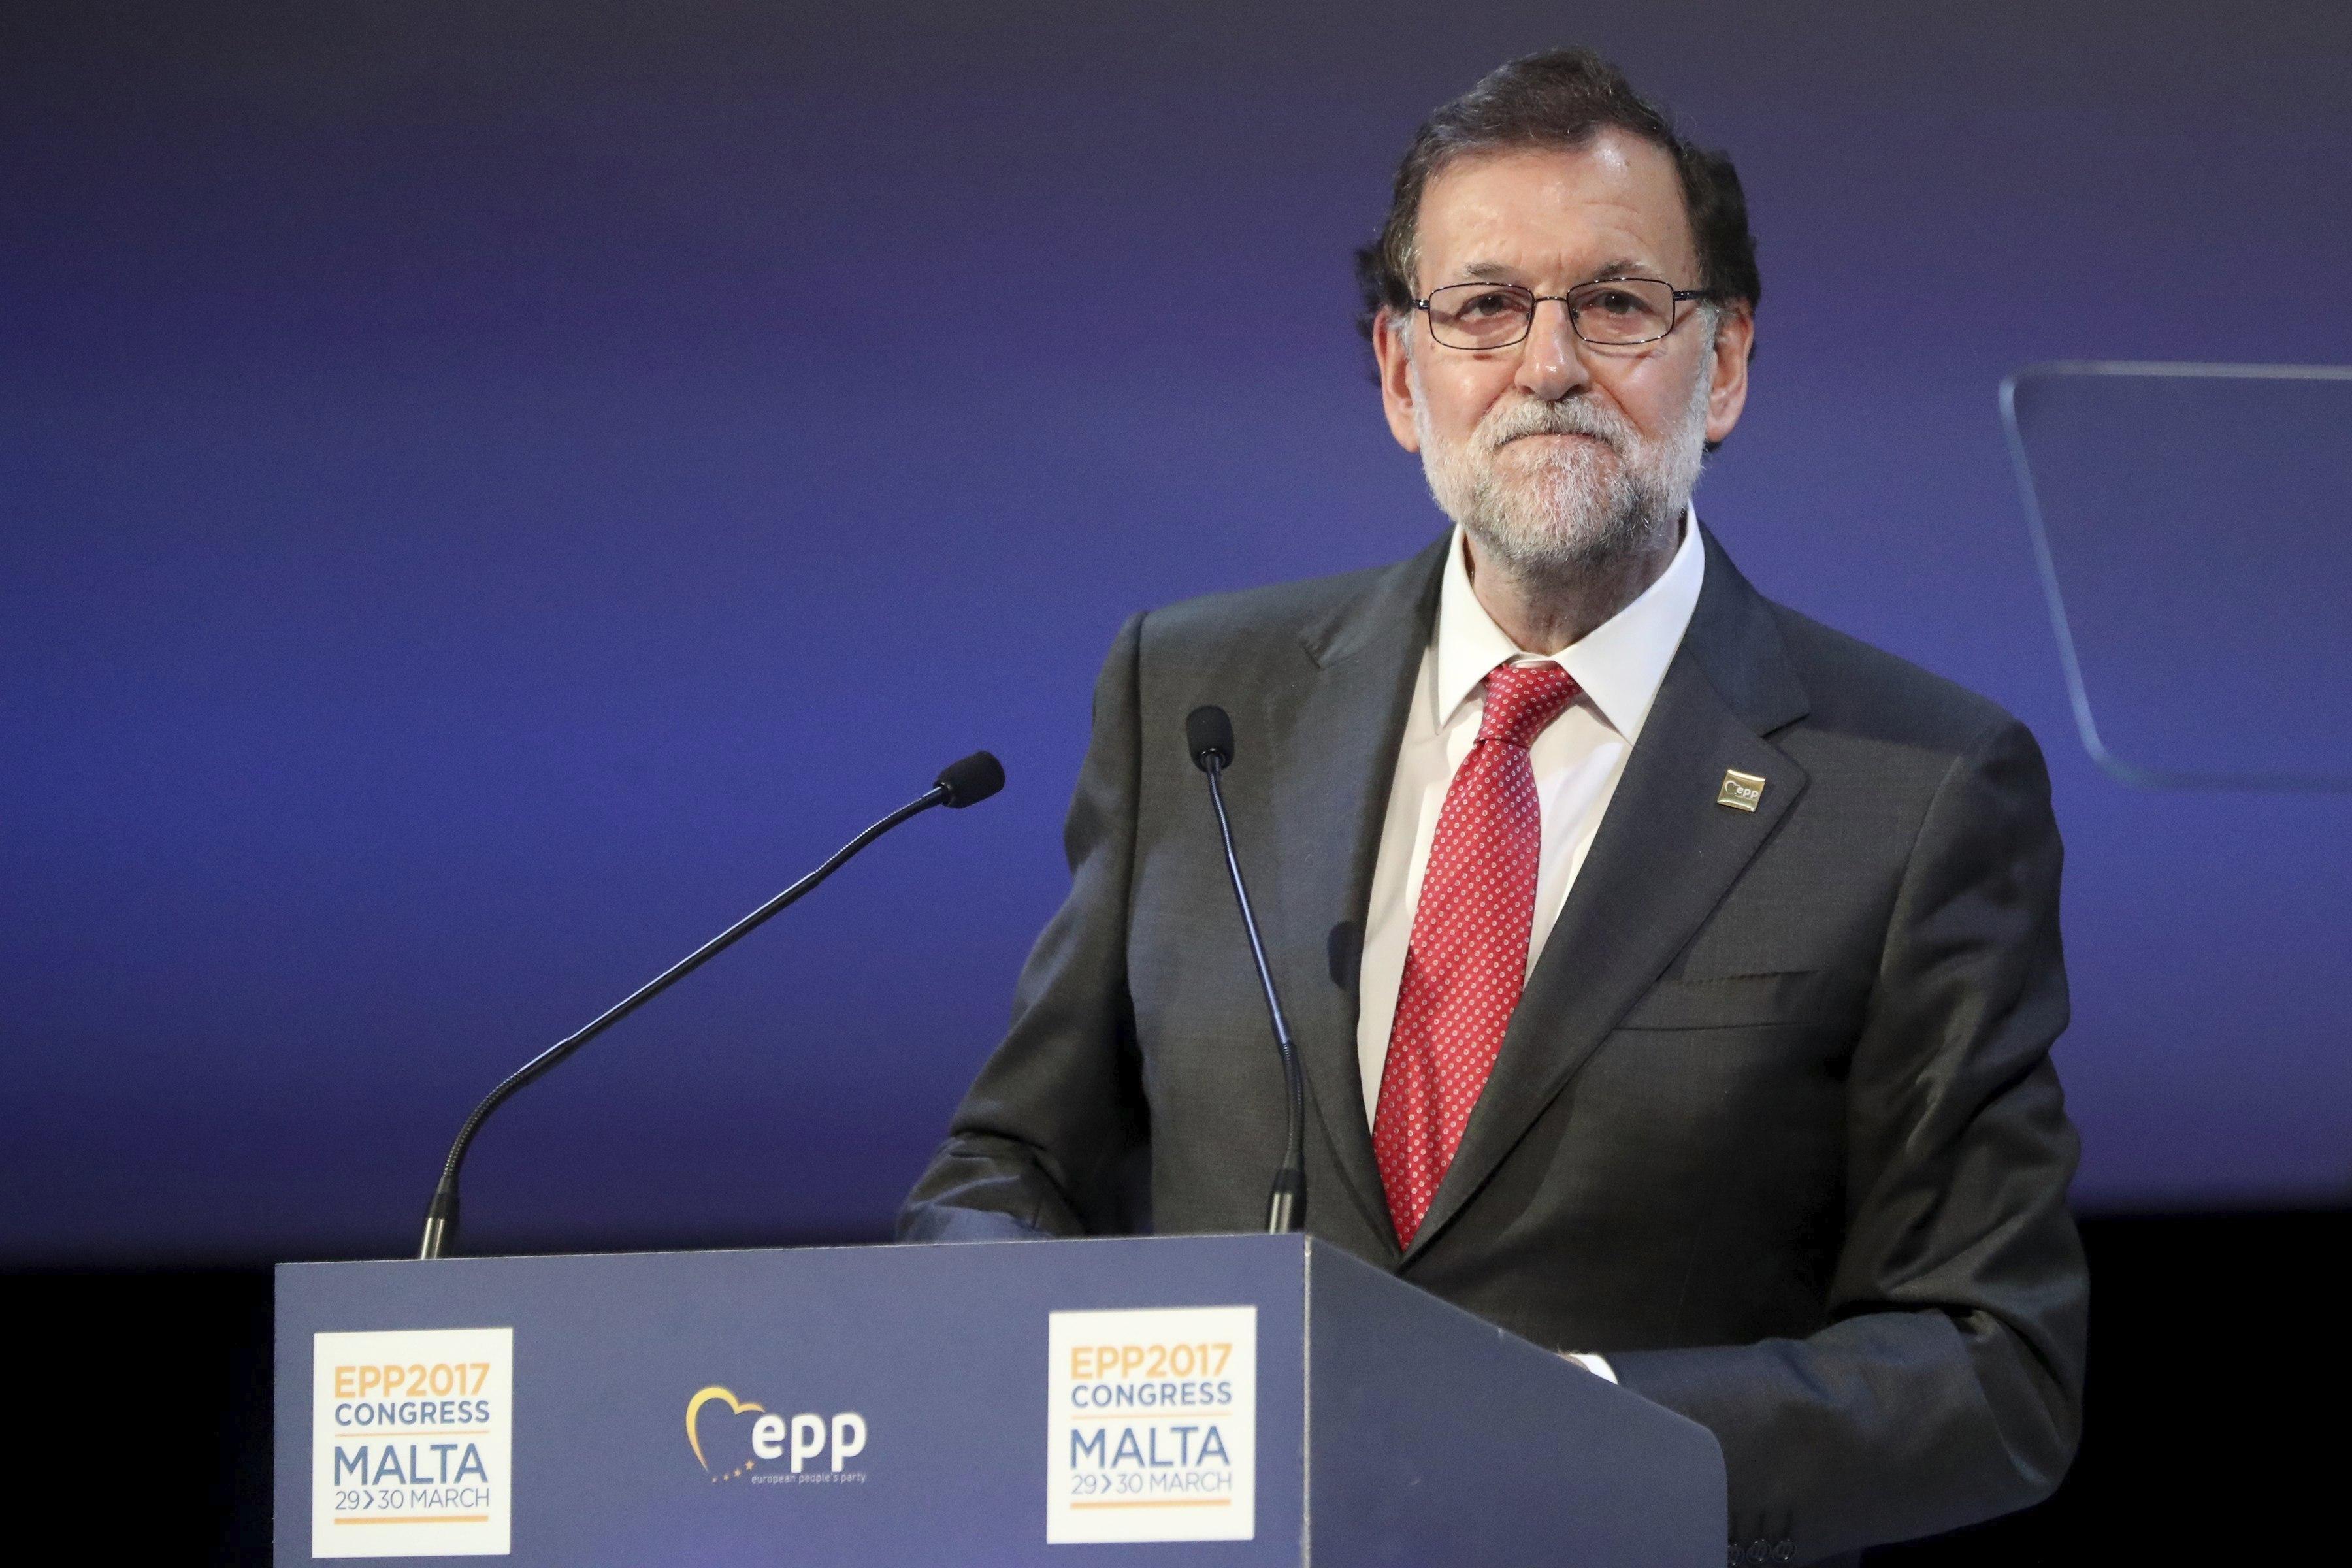 República Dominicana y España acuerdan la exención de visados a diplomáticos